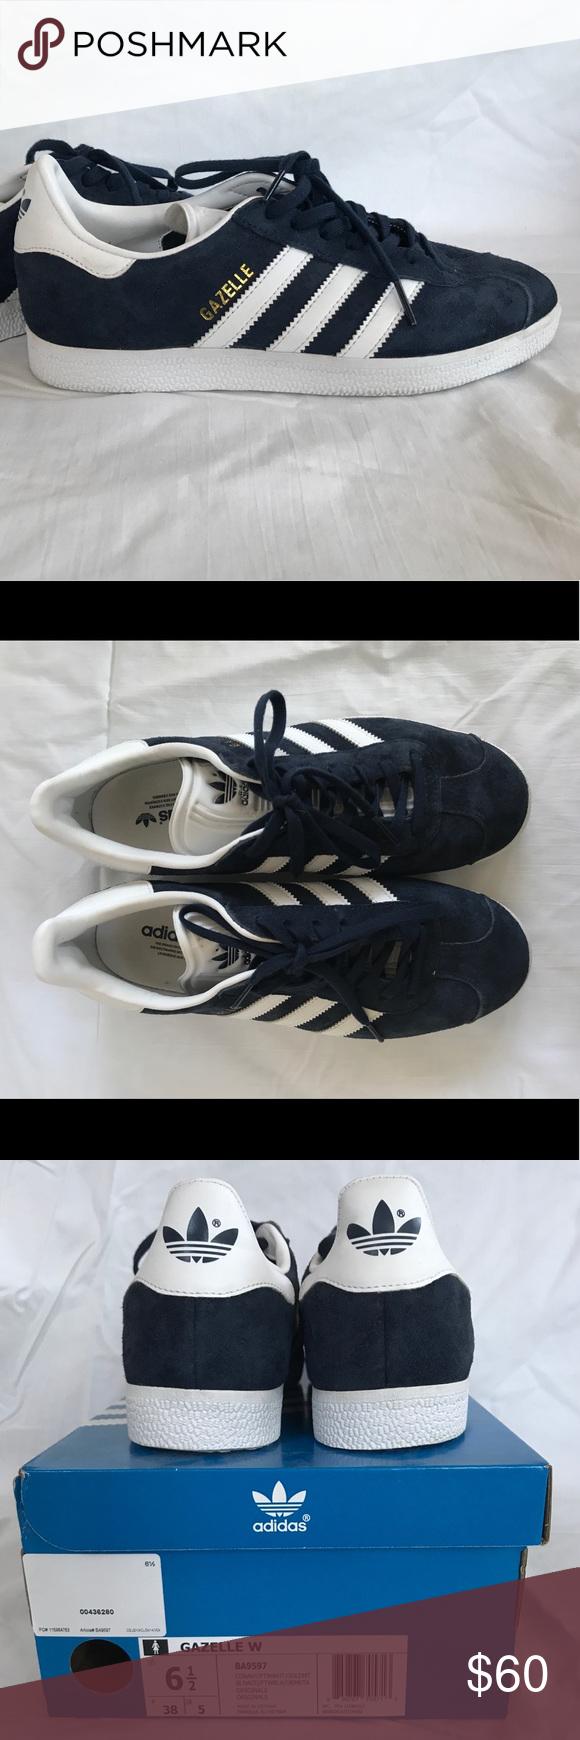 adidas gazelle sneakers women's size 6.5 navy blue suede